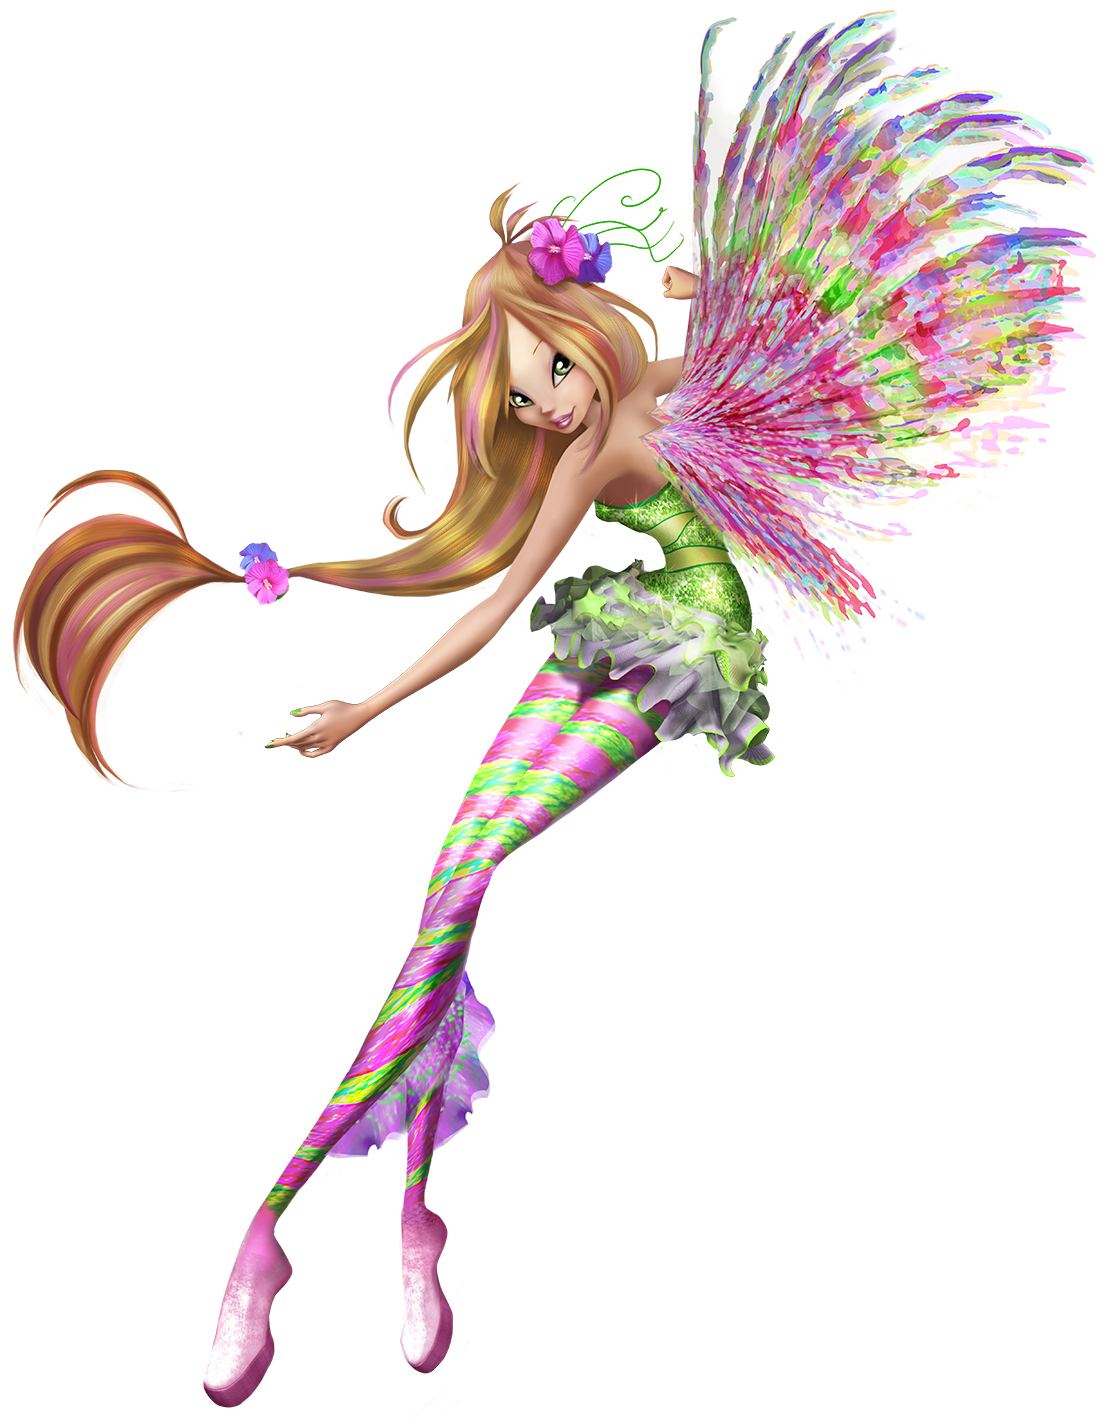 Winx Club - Il mistero degli abissi: la colorata Flora in una foto promozionale